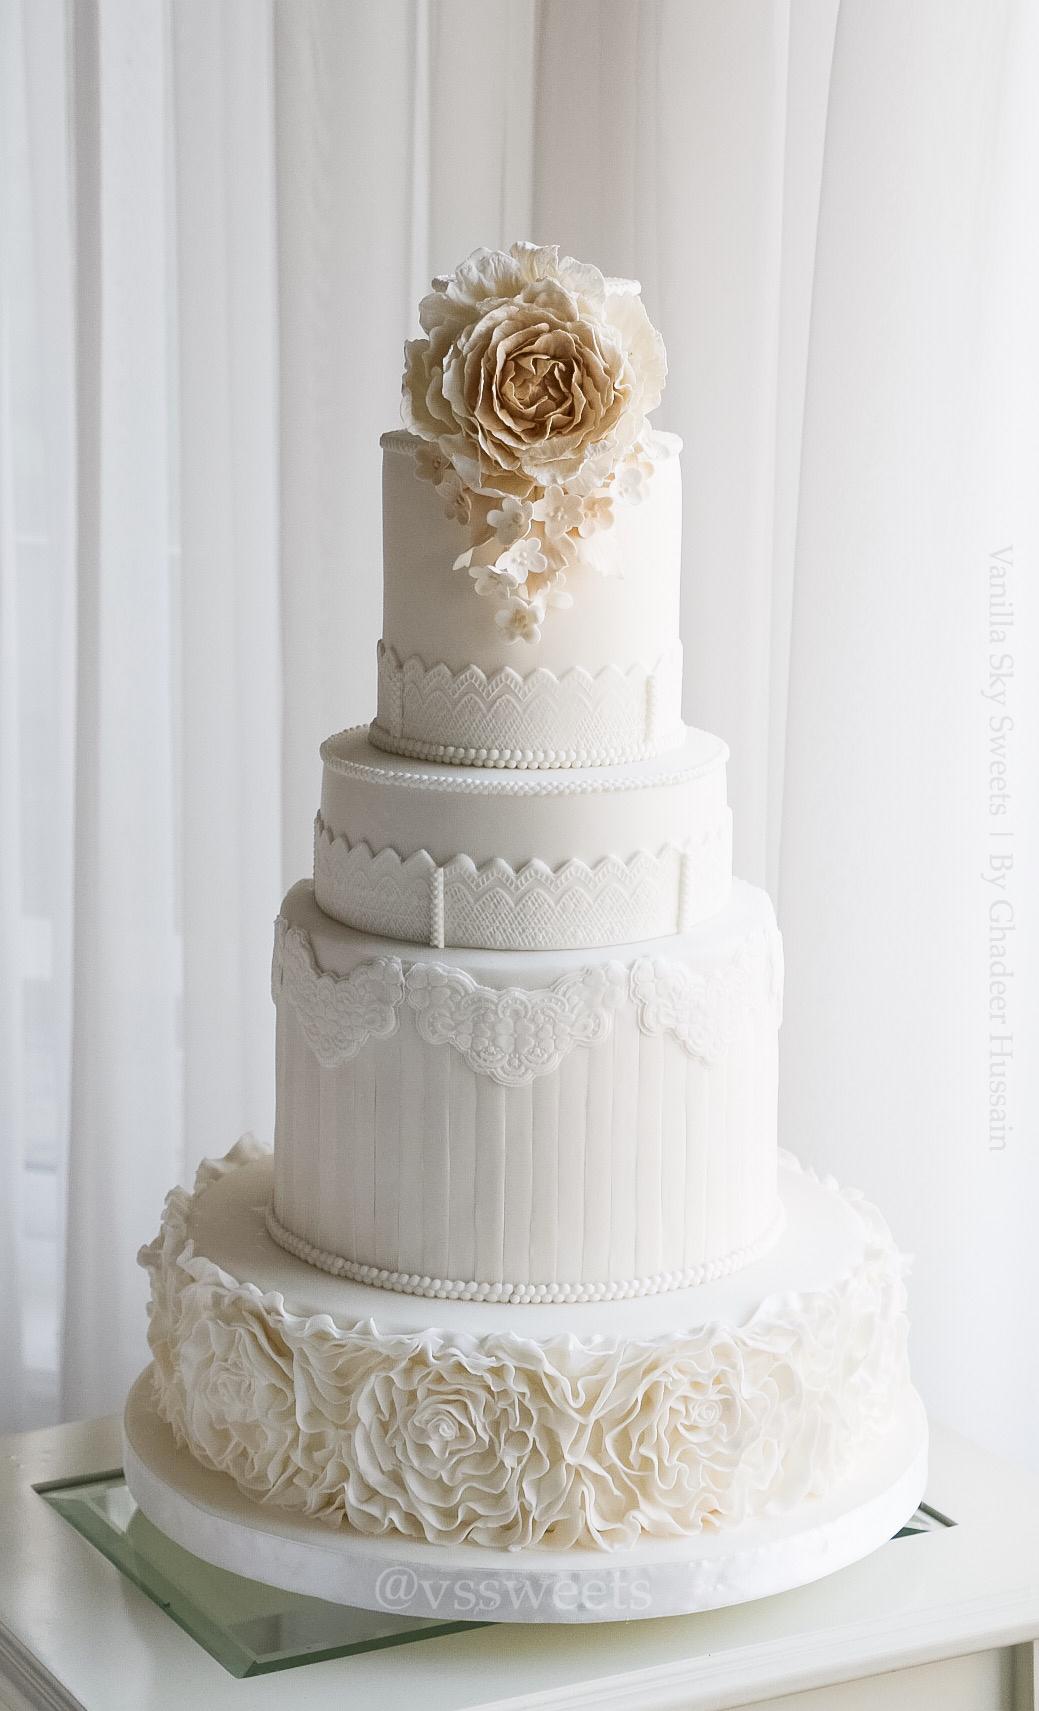 White and Ivory Rosette Ruffle Wedding